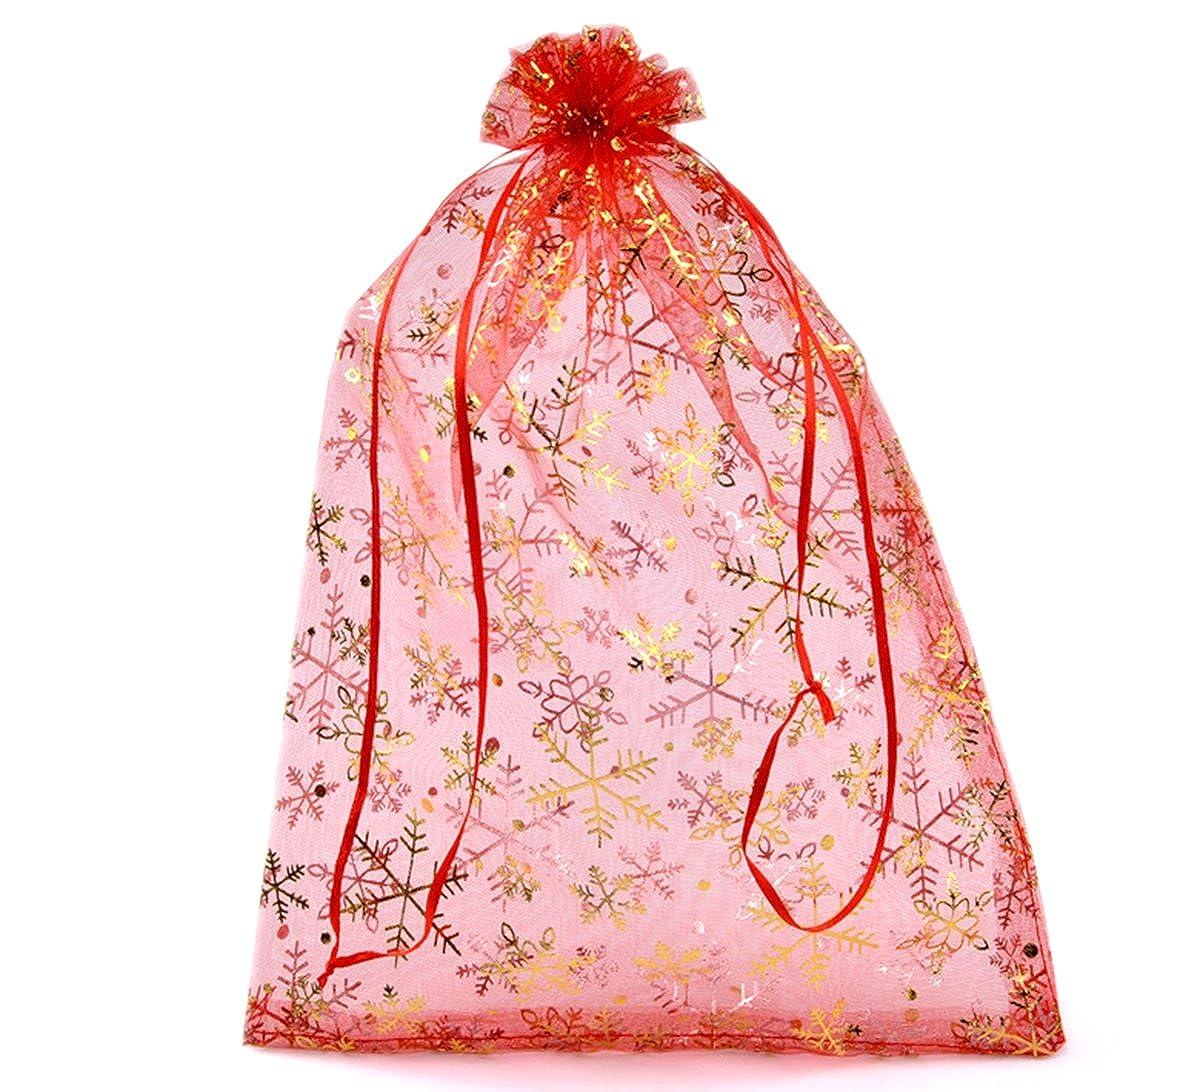 HooAMI 50-Stk. 20cm x 30cm Rot Orange Organza Säckchen mit Gelb Schneeflocke Geschenkbeutel Beutel Weihnachten Säckli (Rot) (20cm x 30cm) BETY19609